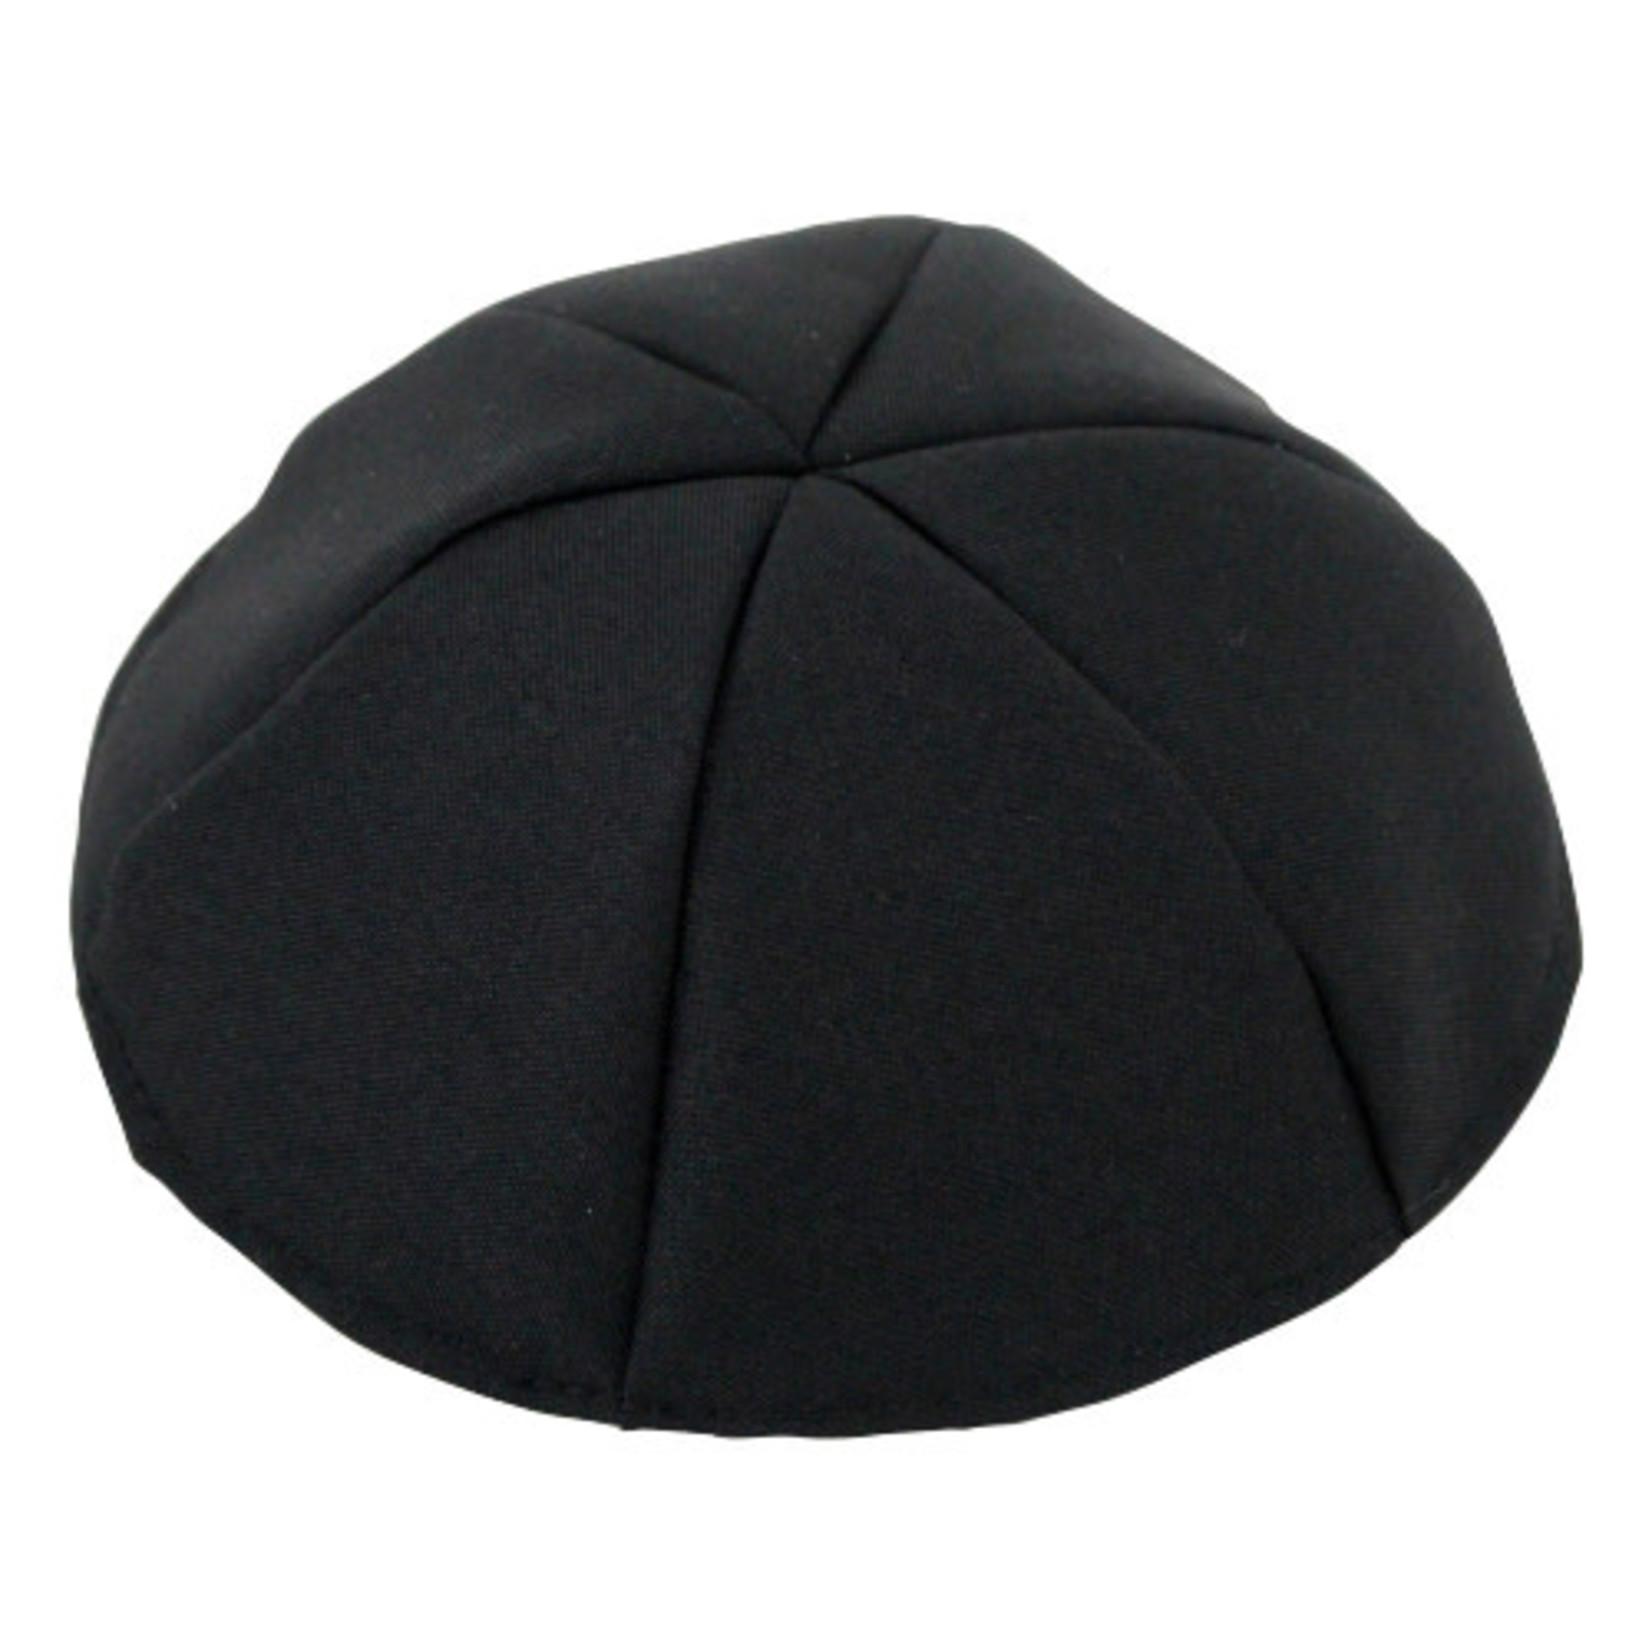 Terylene Kippah, Black, Size 6